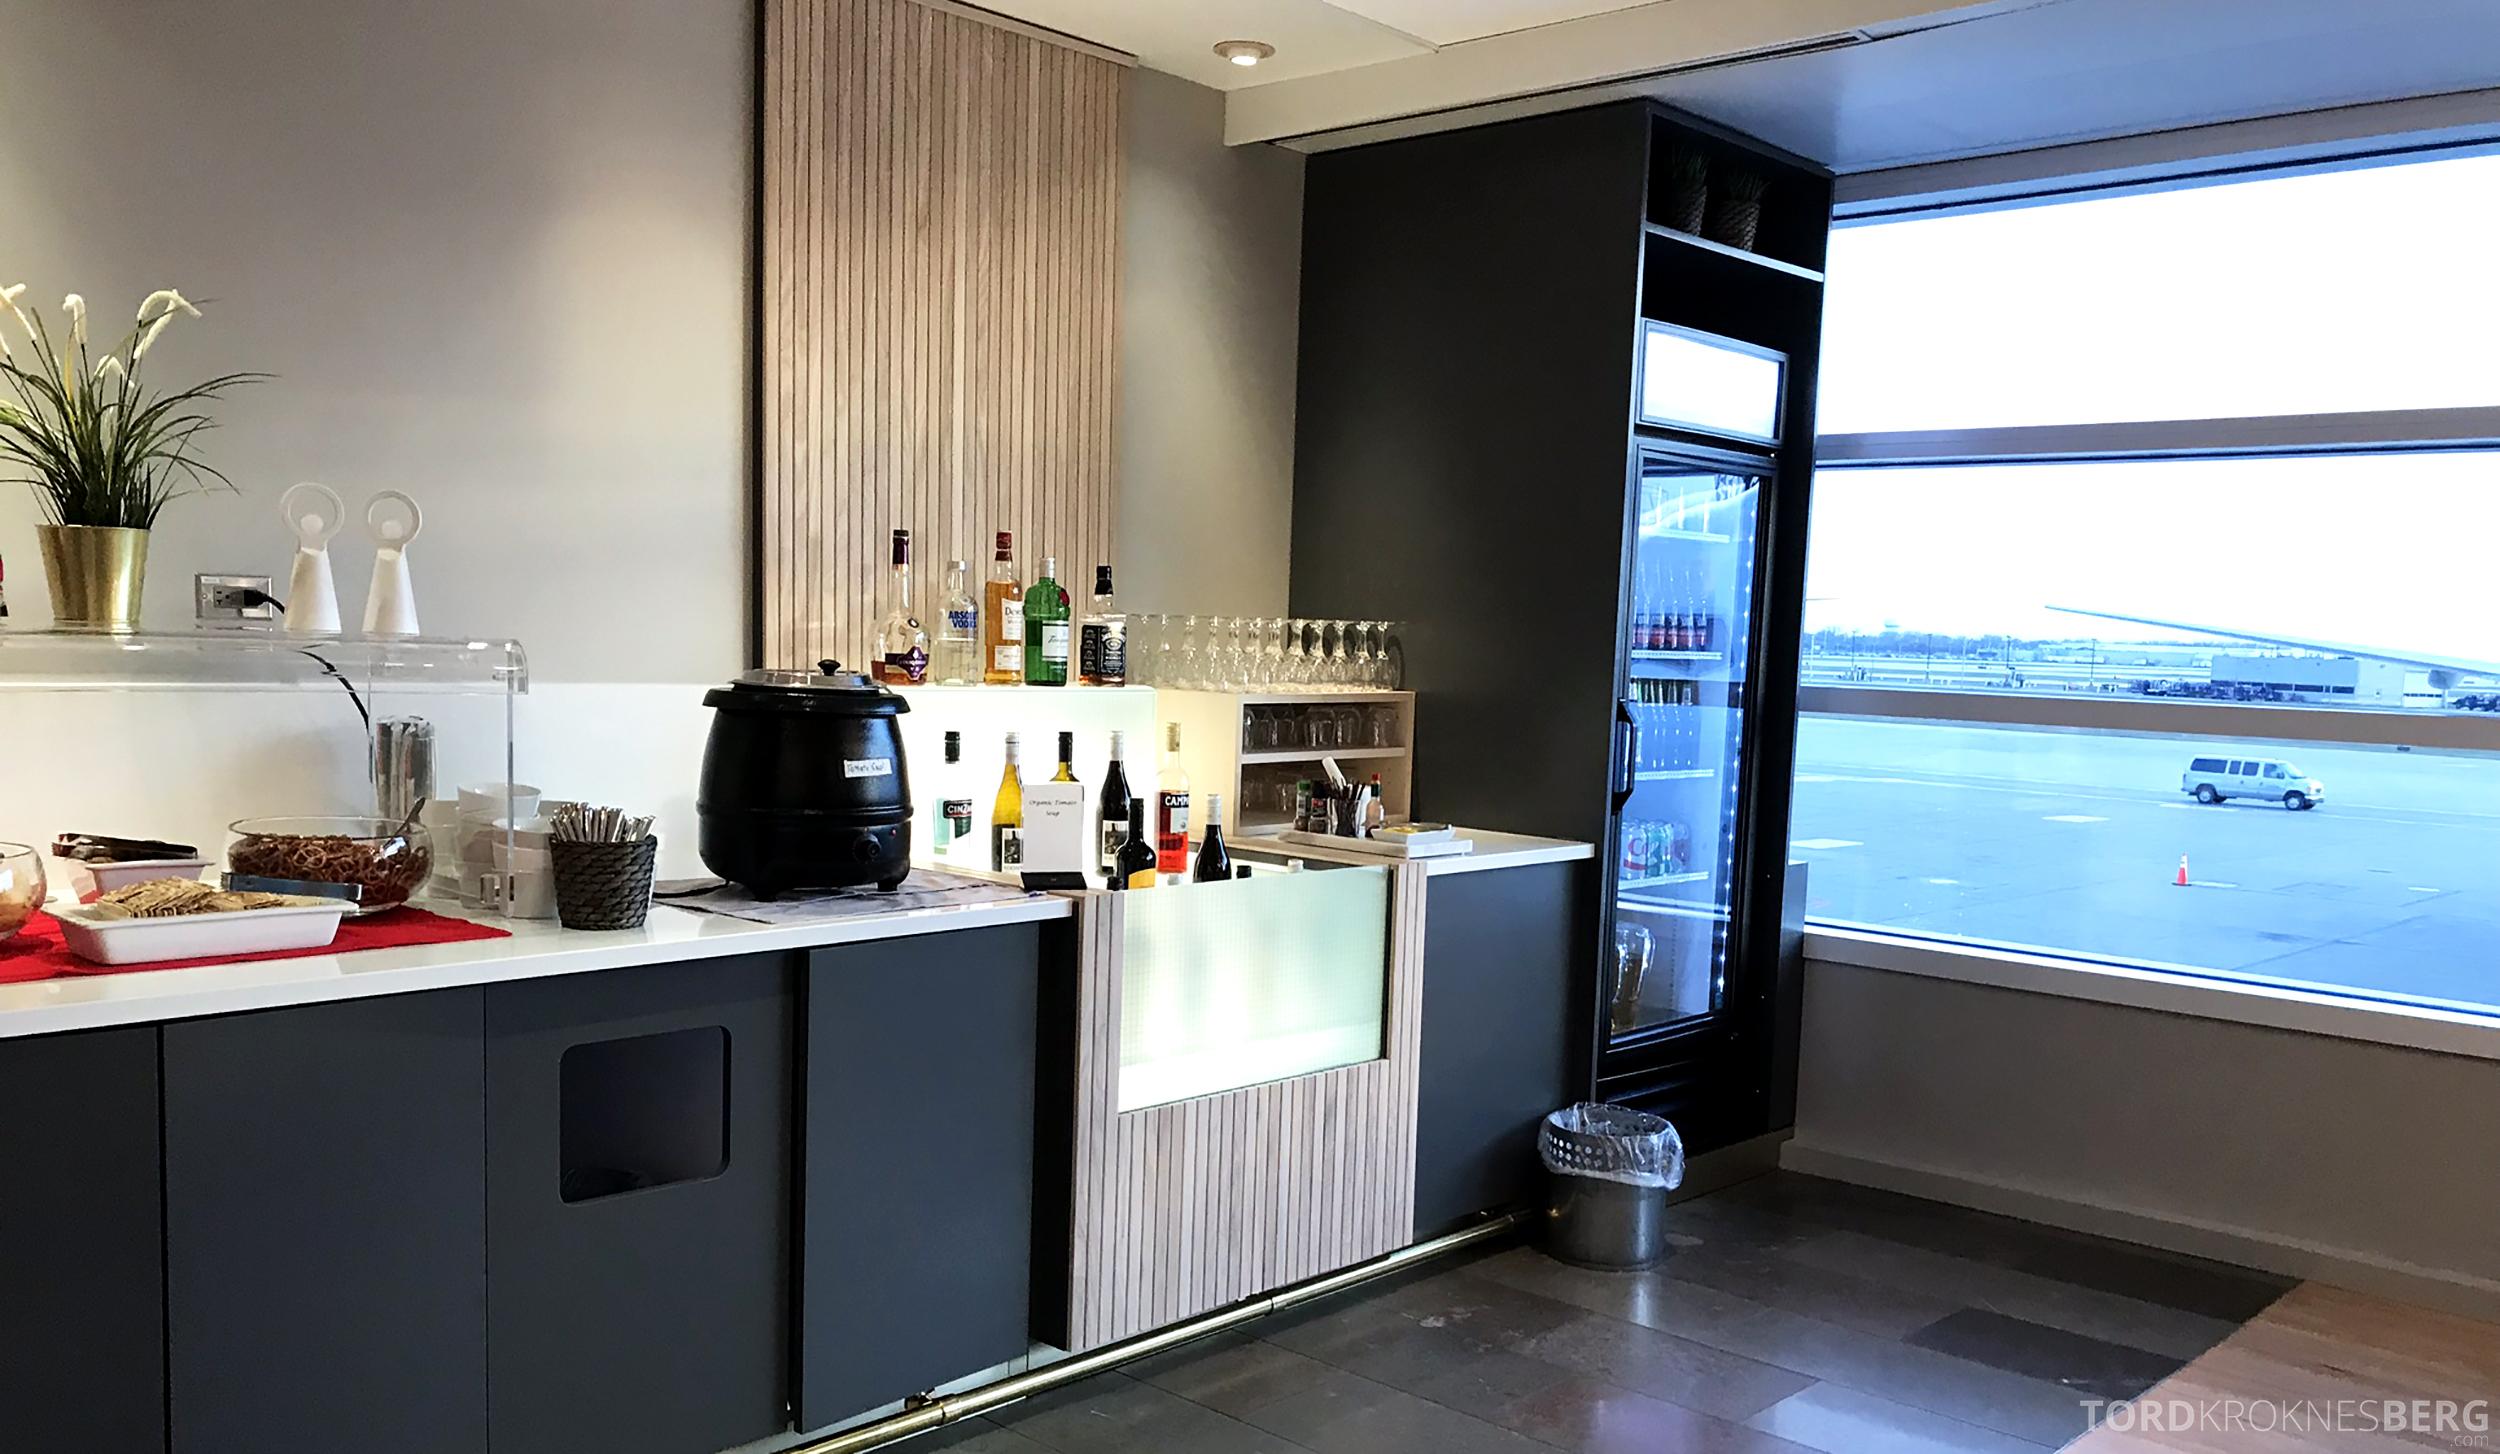 SAS Lounge Chicago drikke